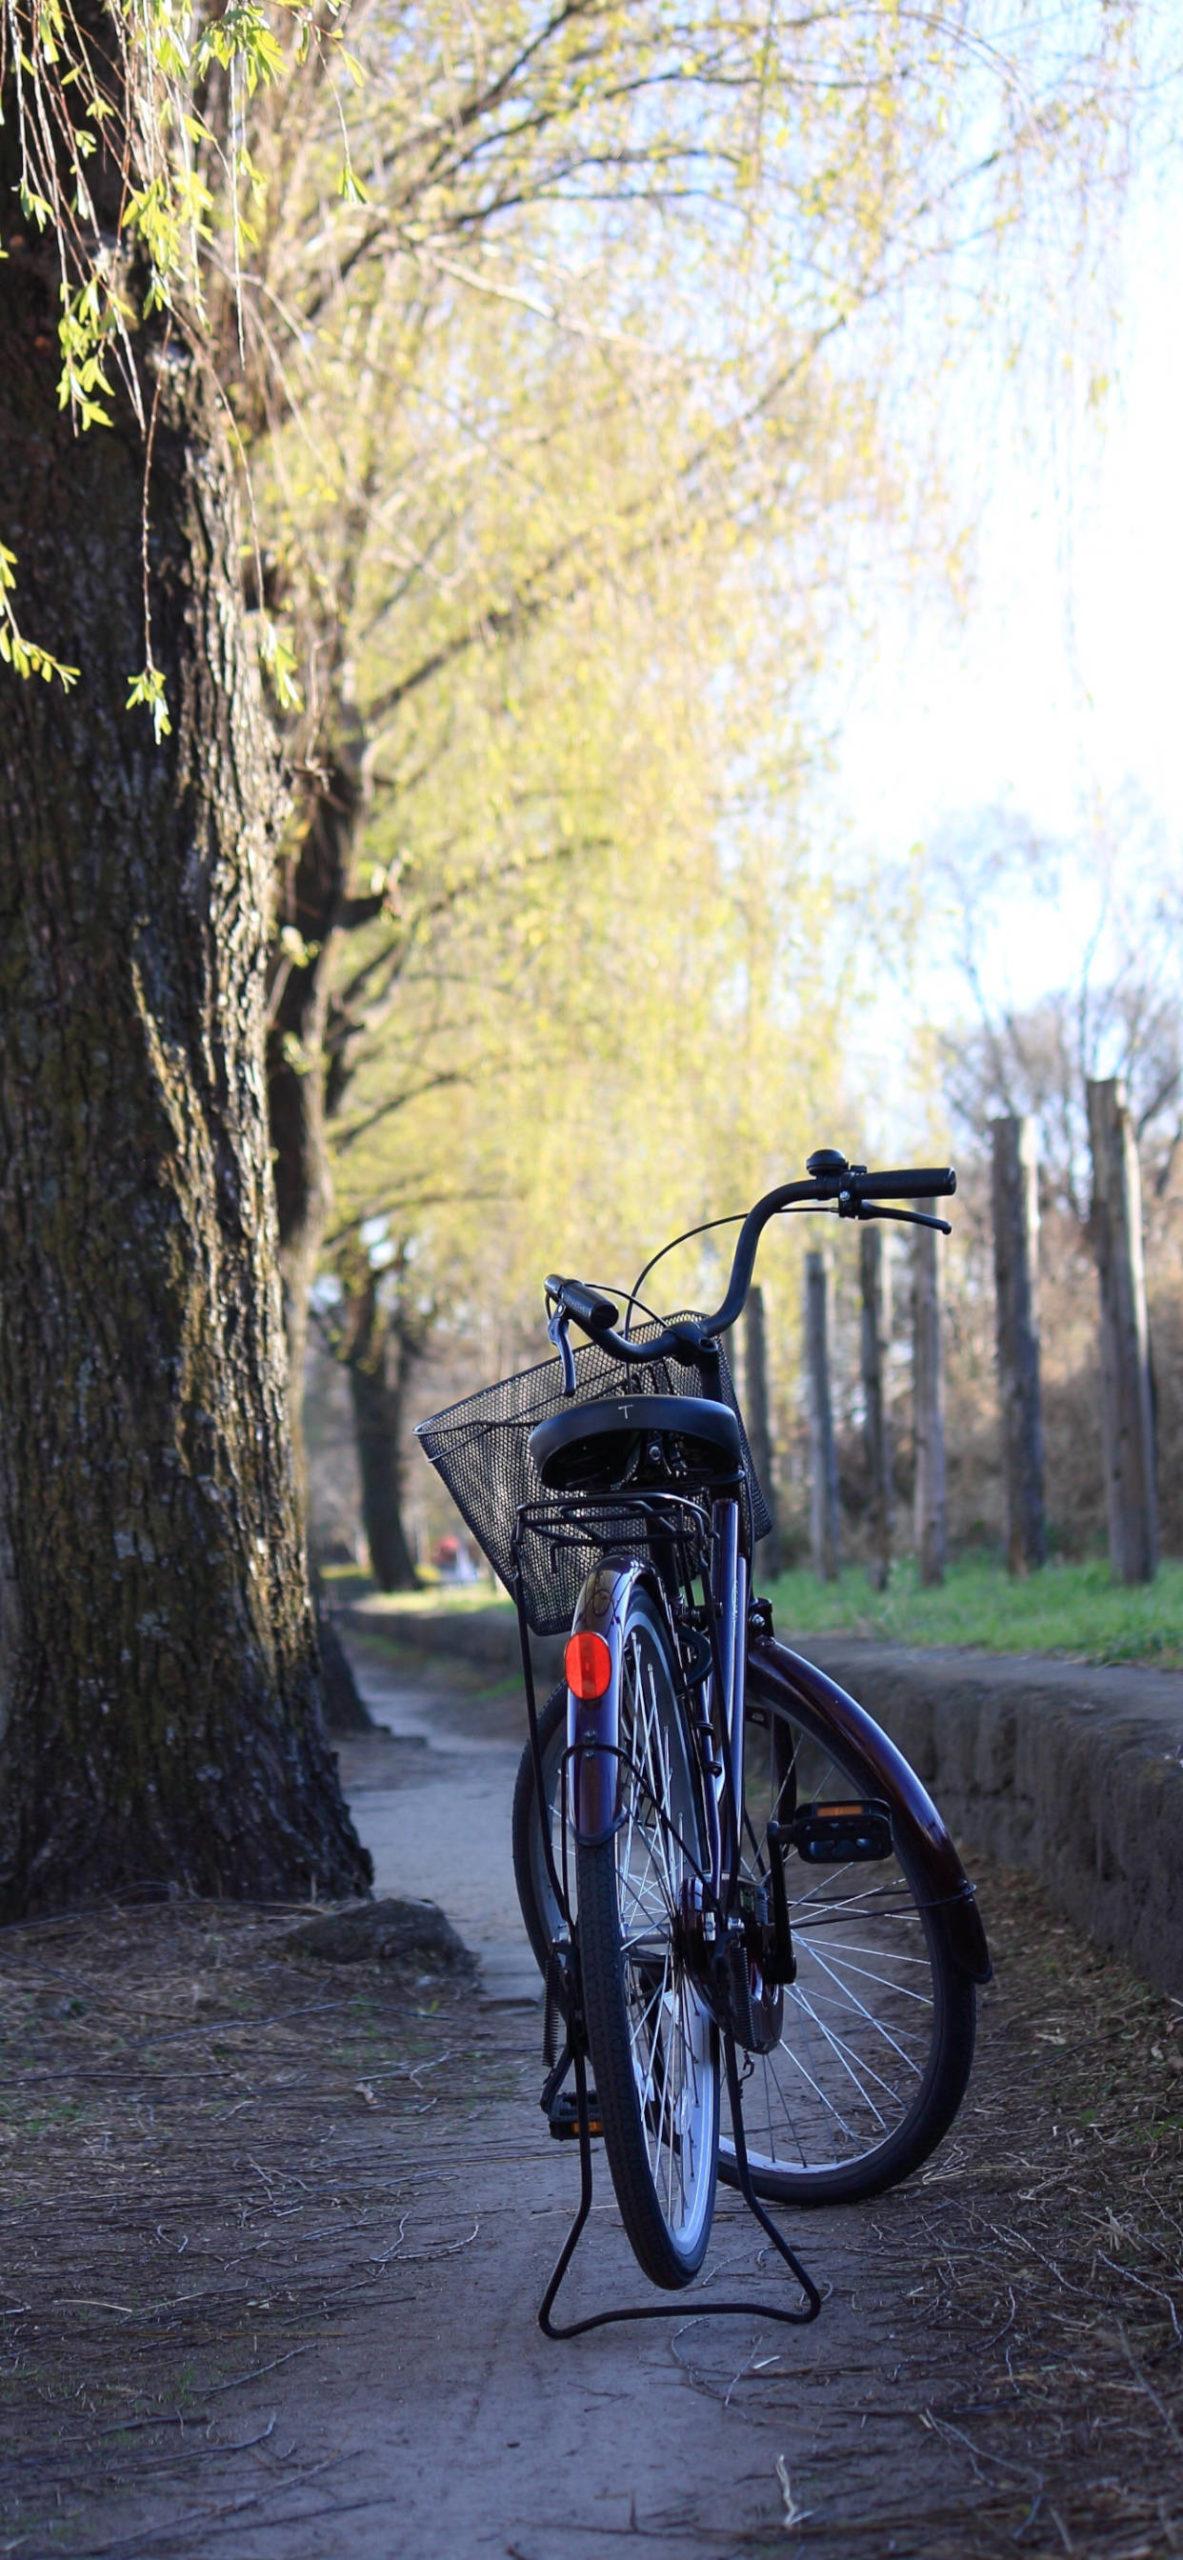 iPhone wallpapers bike street scaled Bike